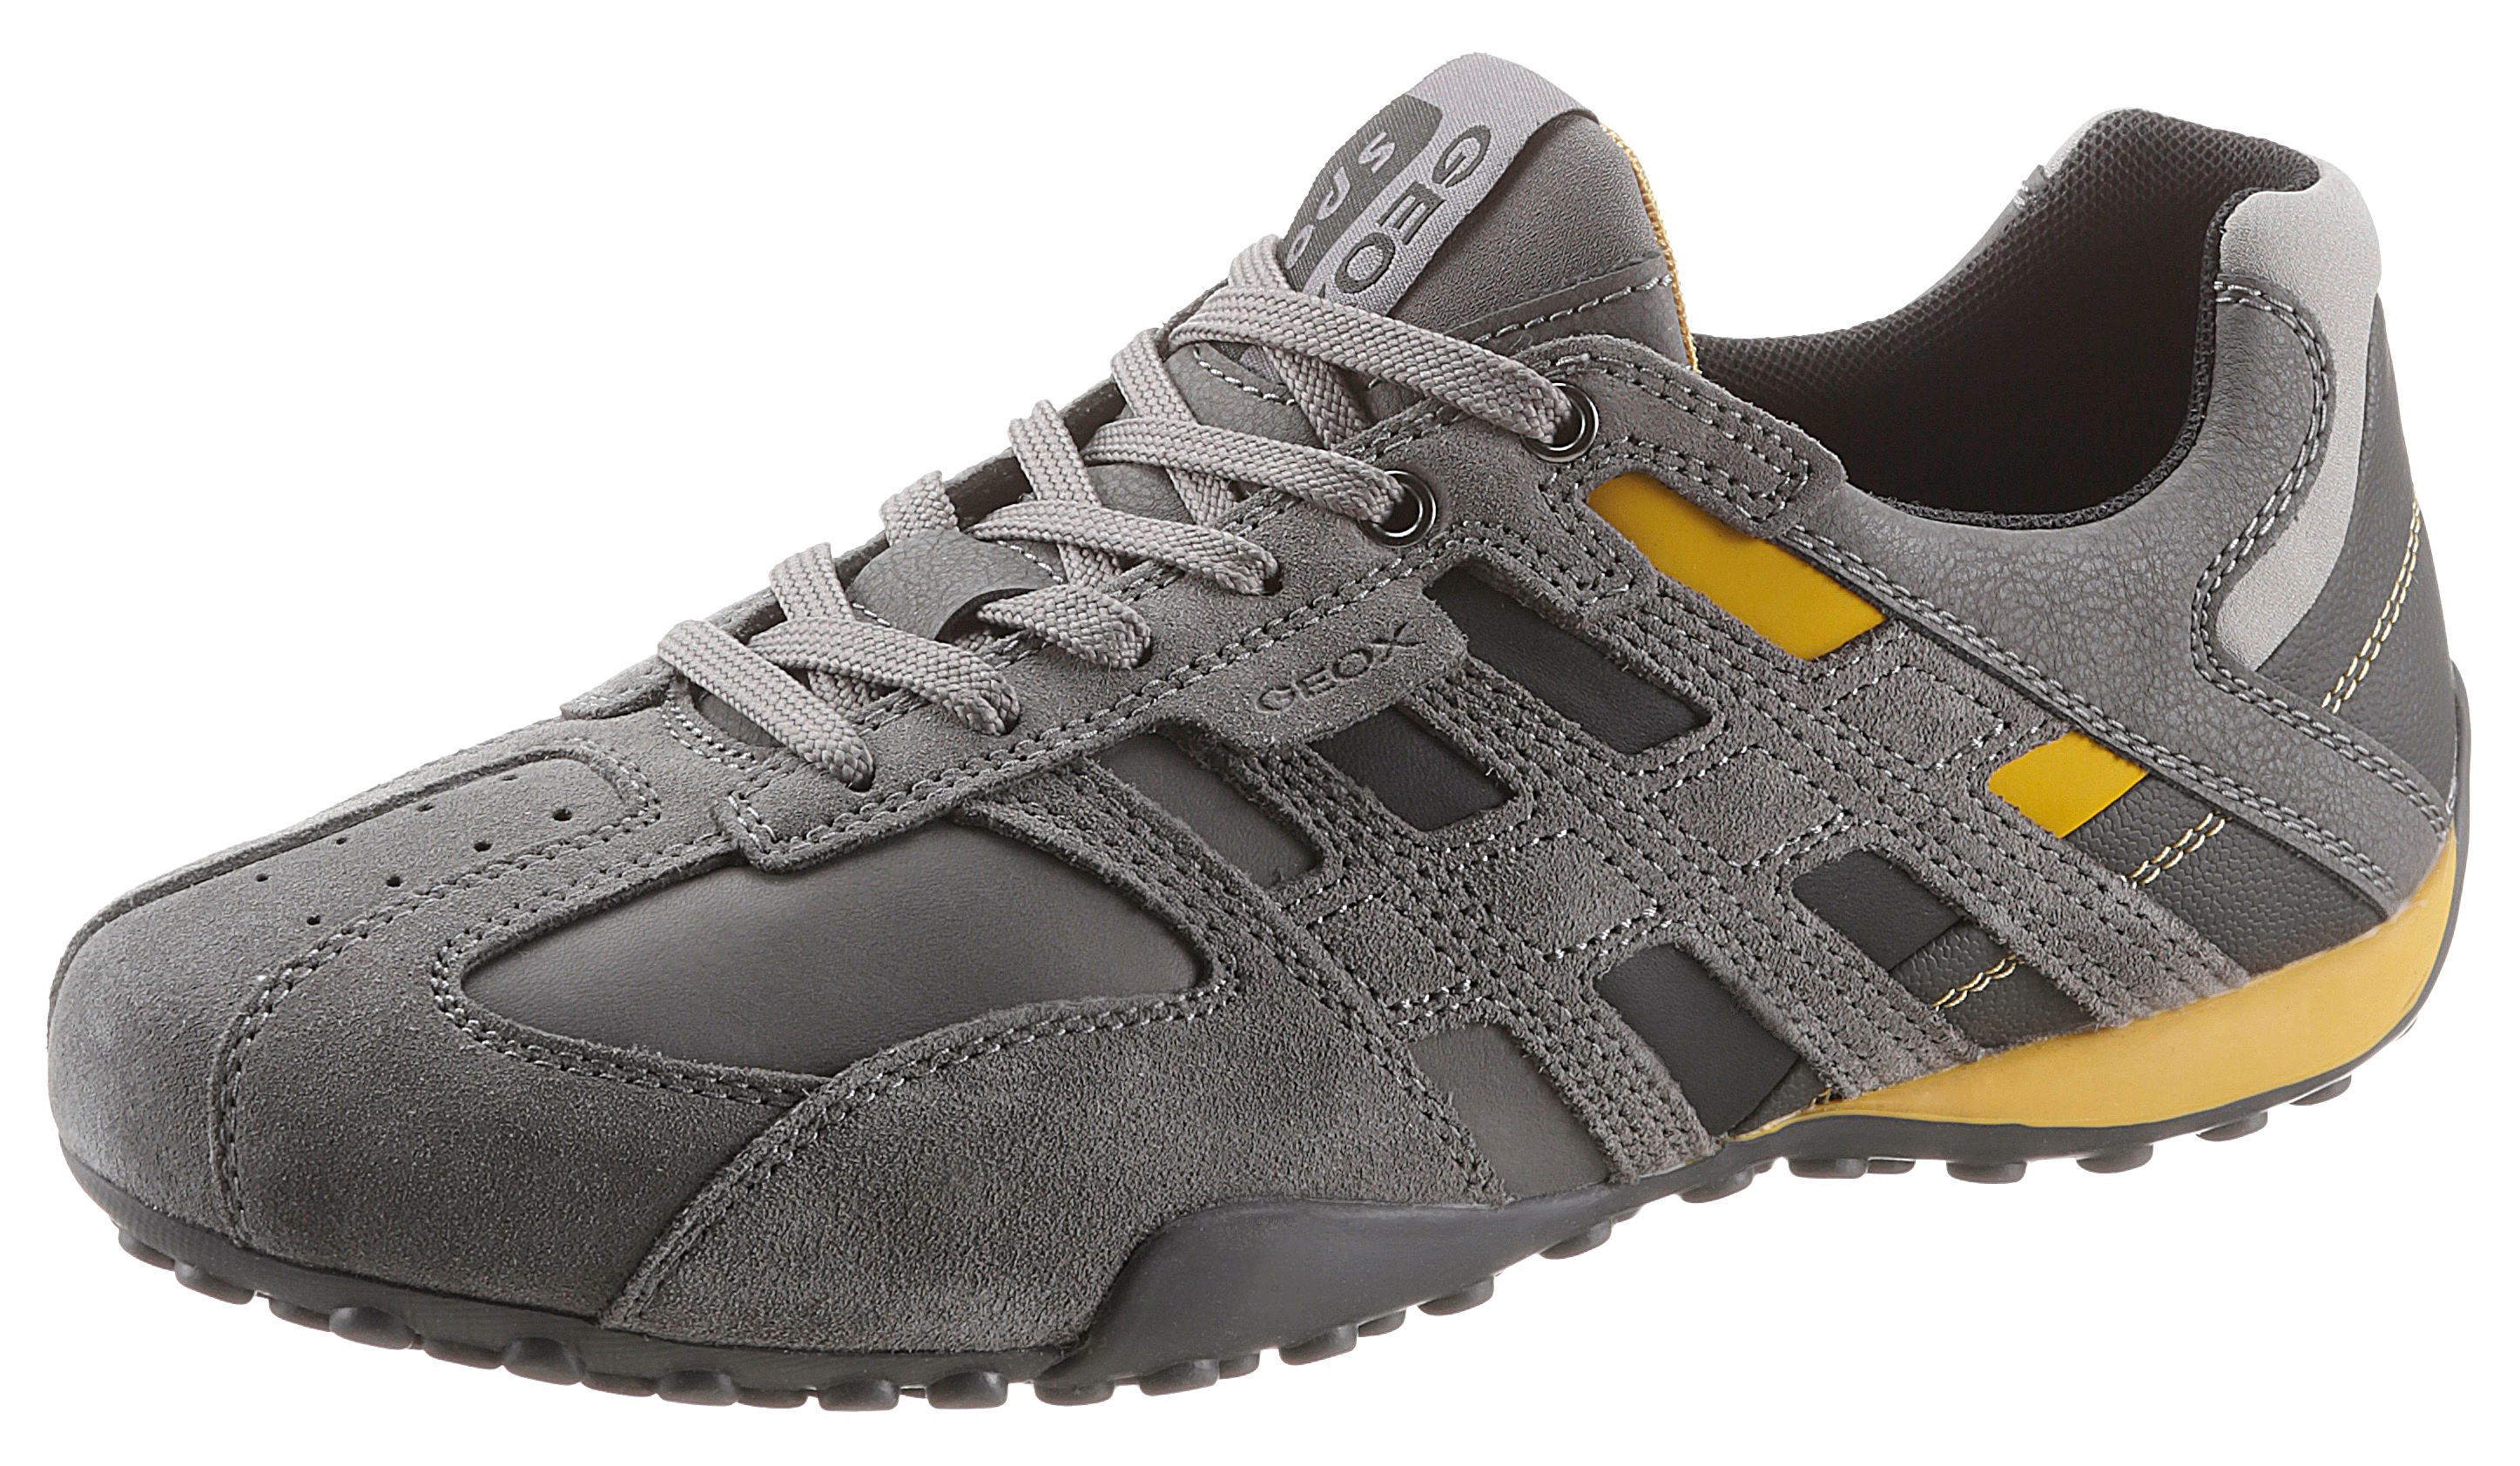 geox -  Sneaker UOMO SNAKE, mit atmungsaktiver Membran